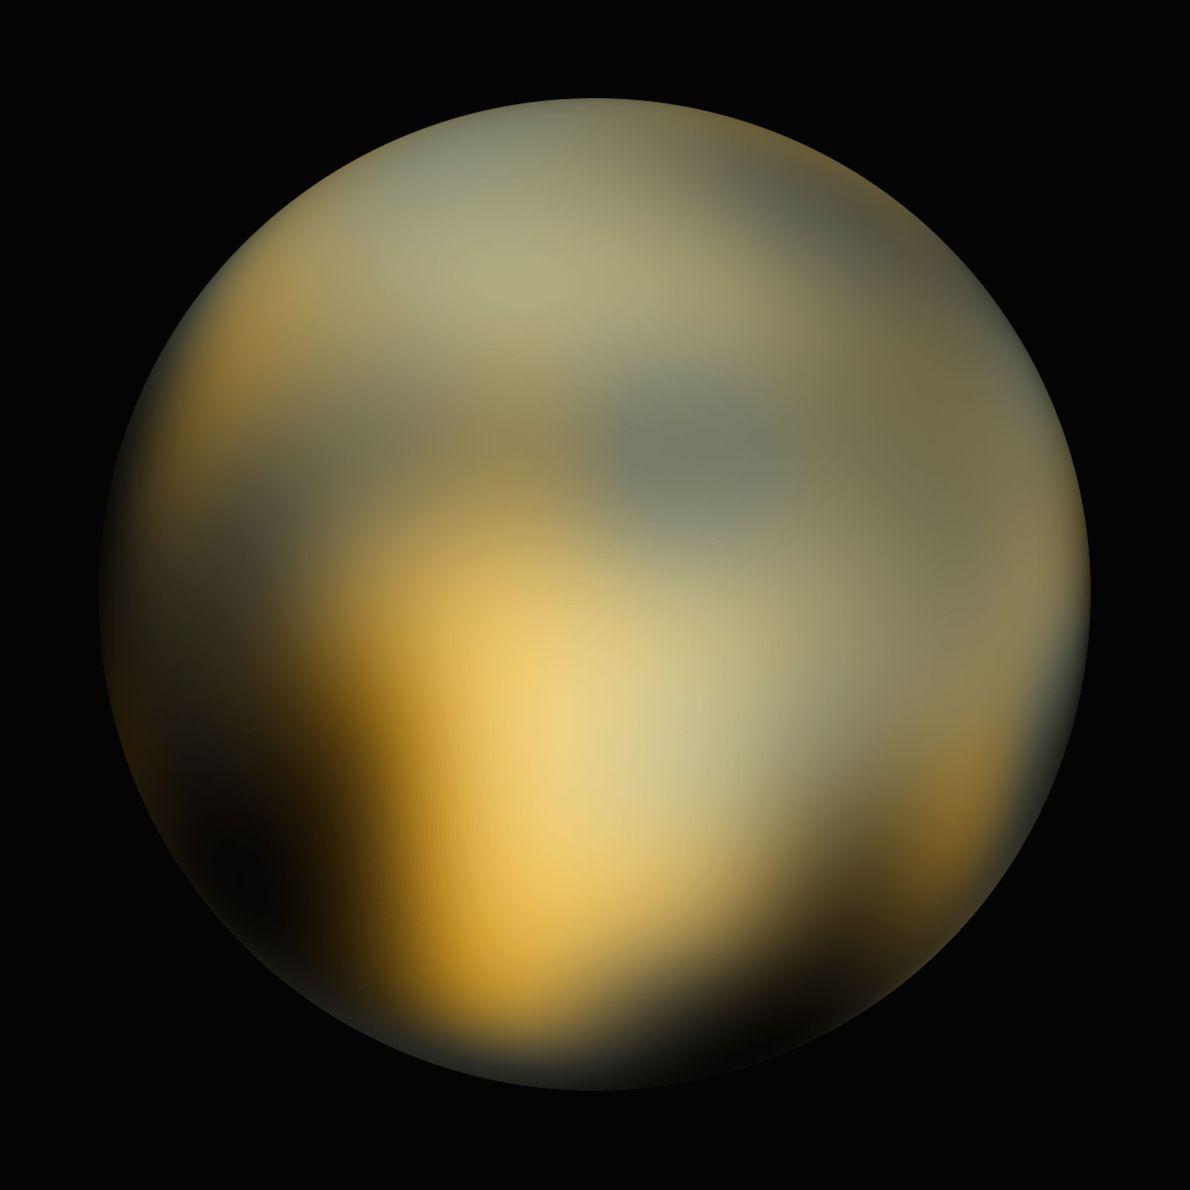 En 2010, un análisis de imágenes del Hubble mostró un mundo moteado naranja, blanco y negro. ...